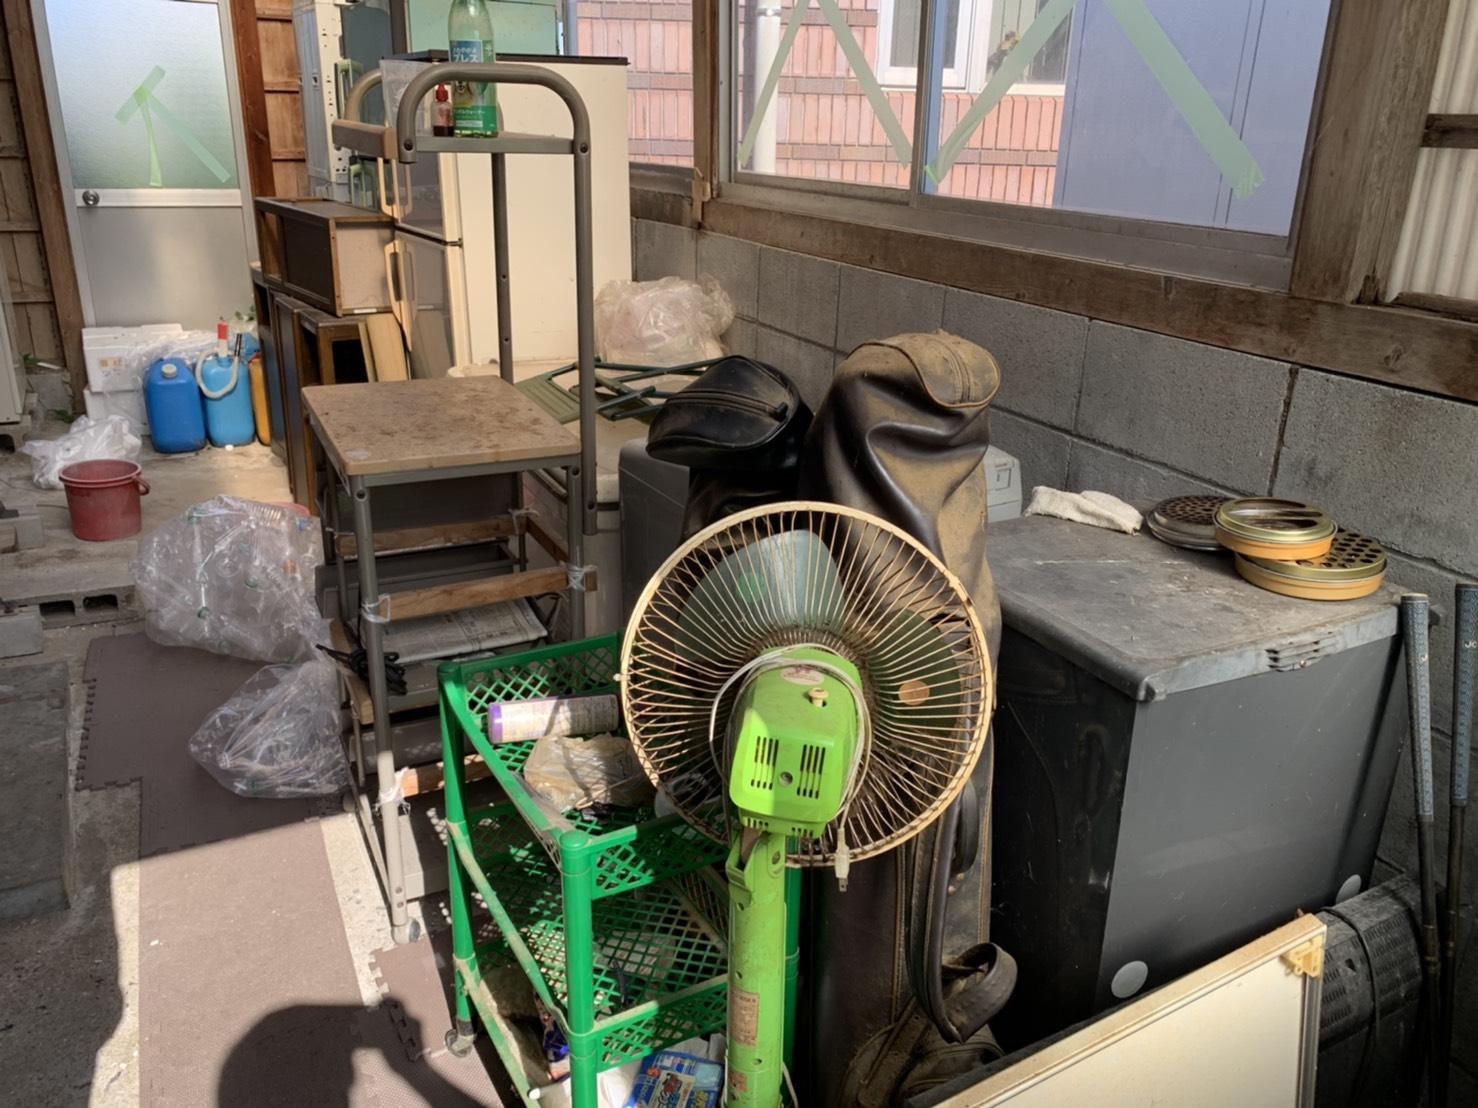 倉庫内の家電製品や収納用品の回収前